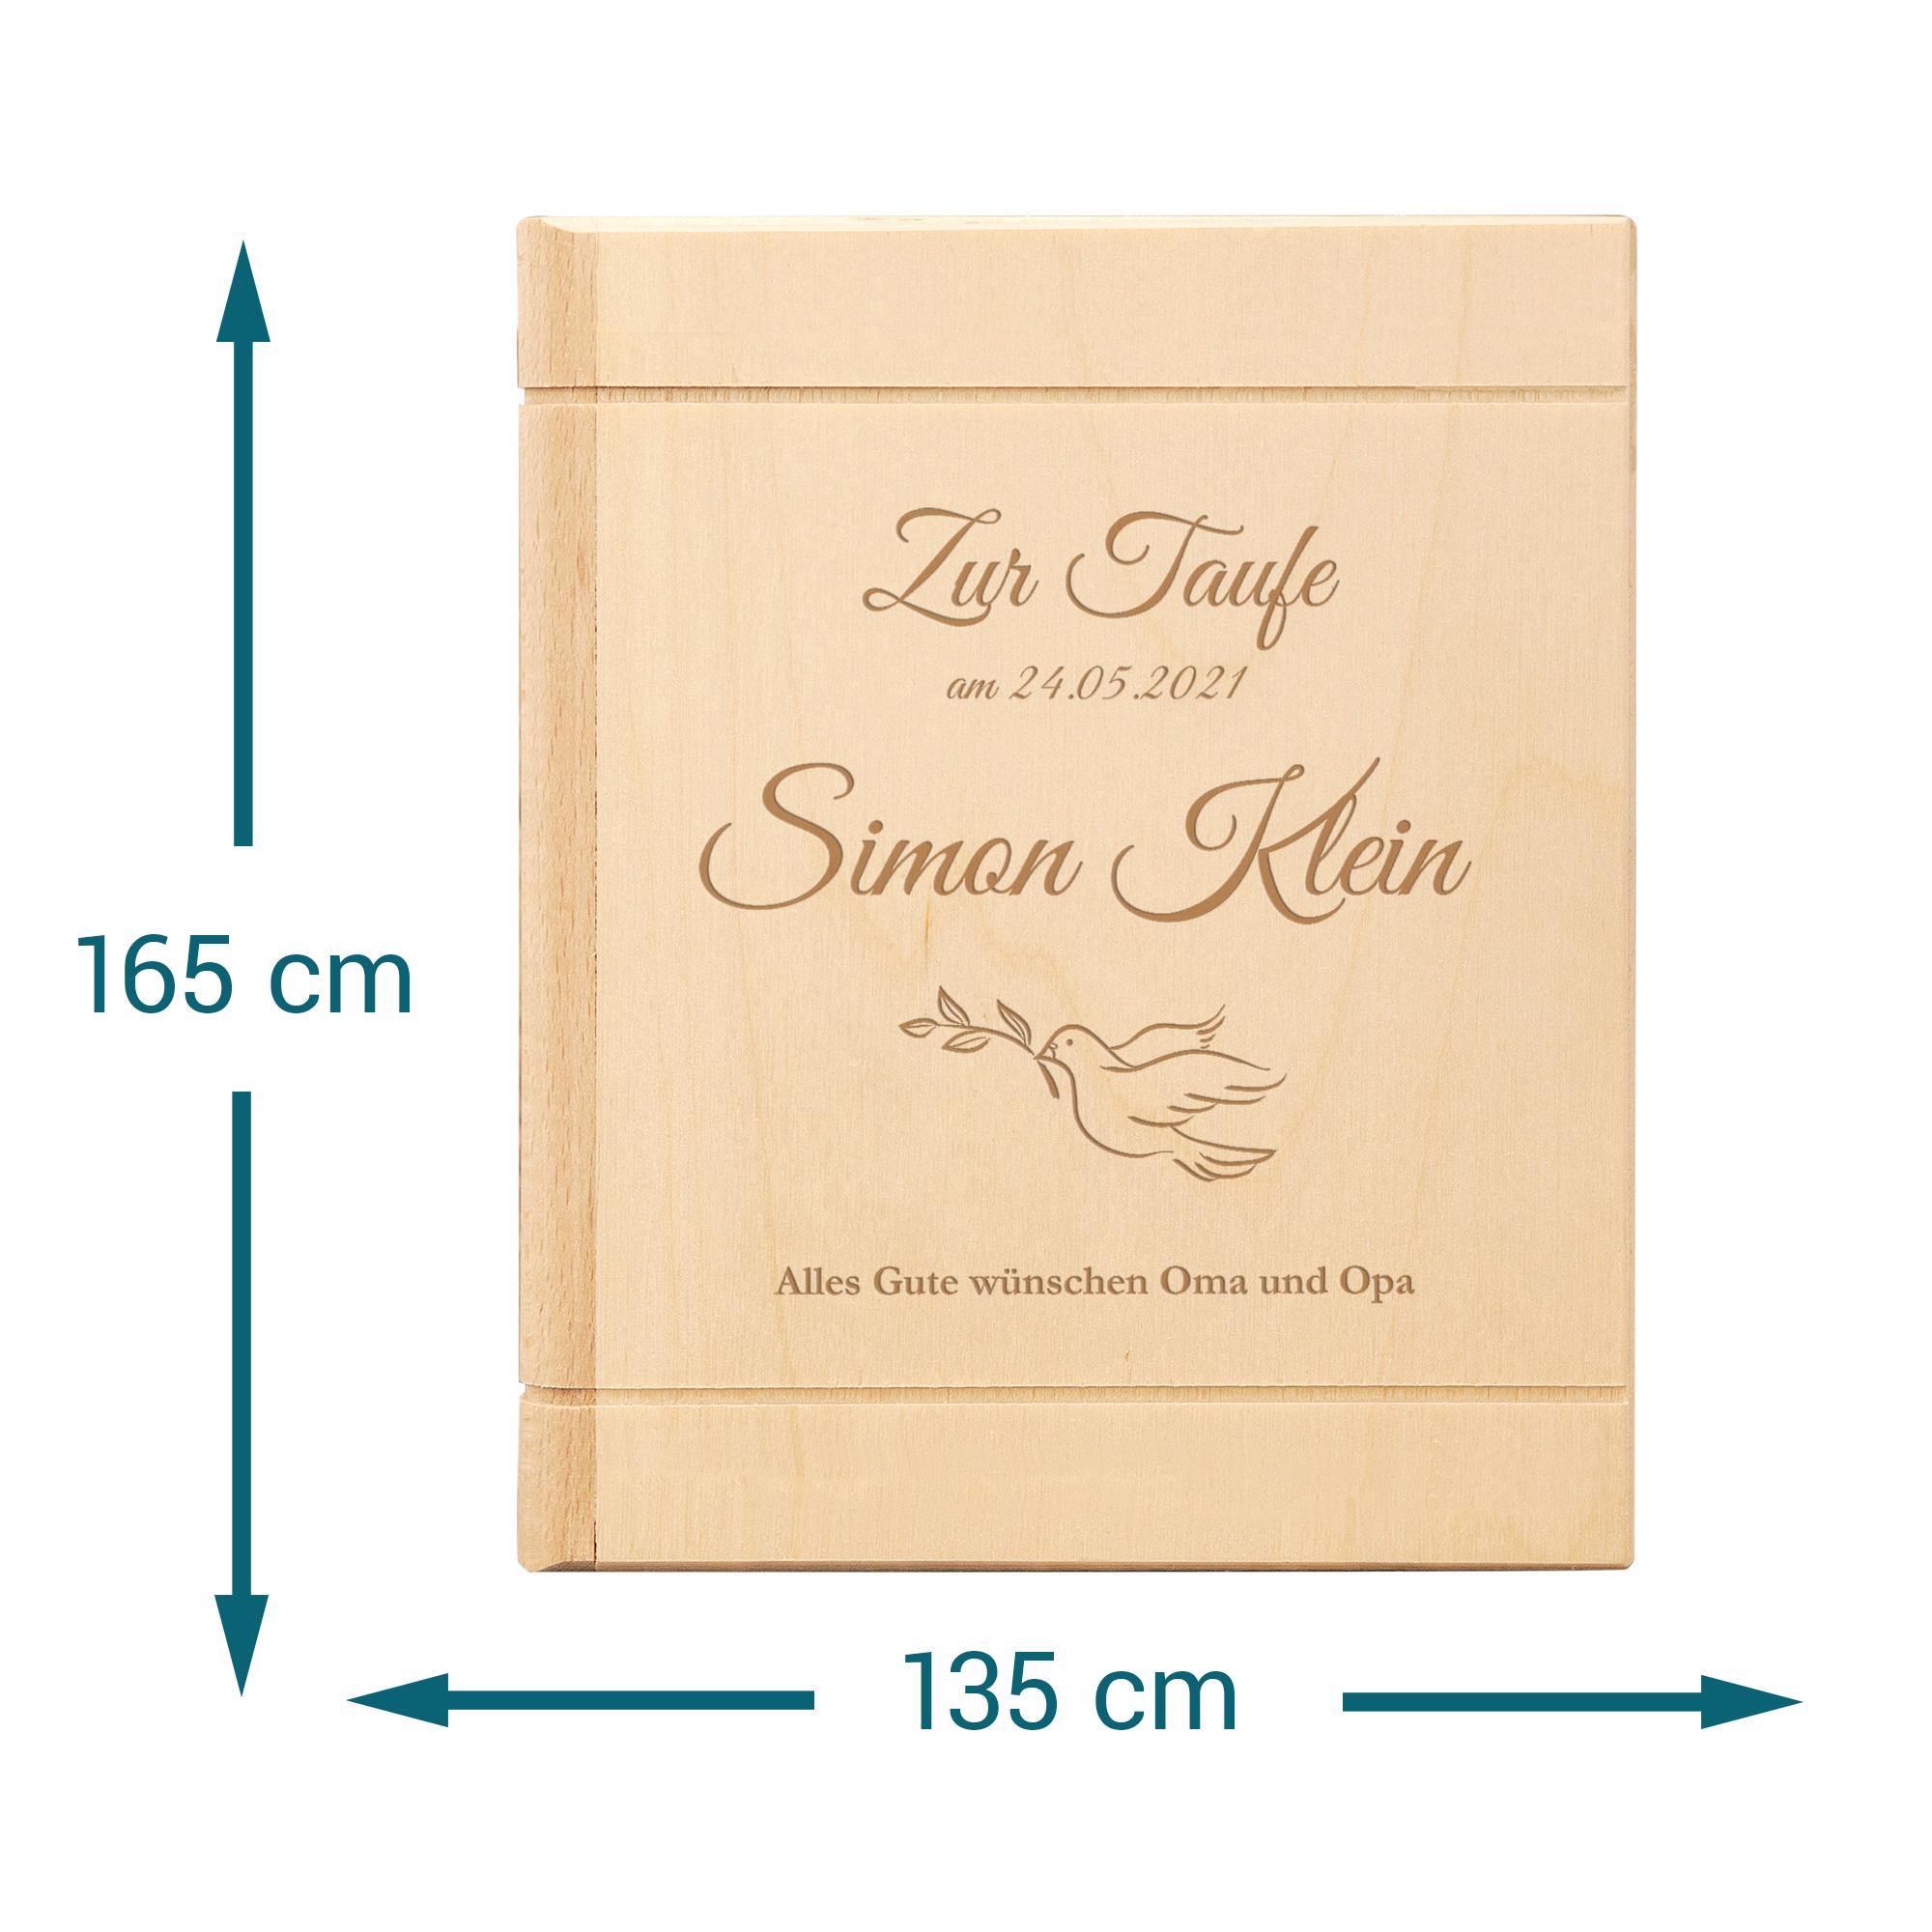 Taufe sparbuch verpacken zur wie Personalisiertes Sparbuch